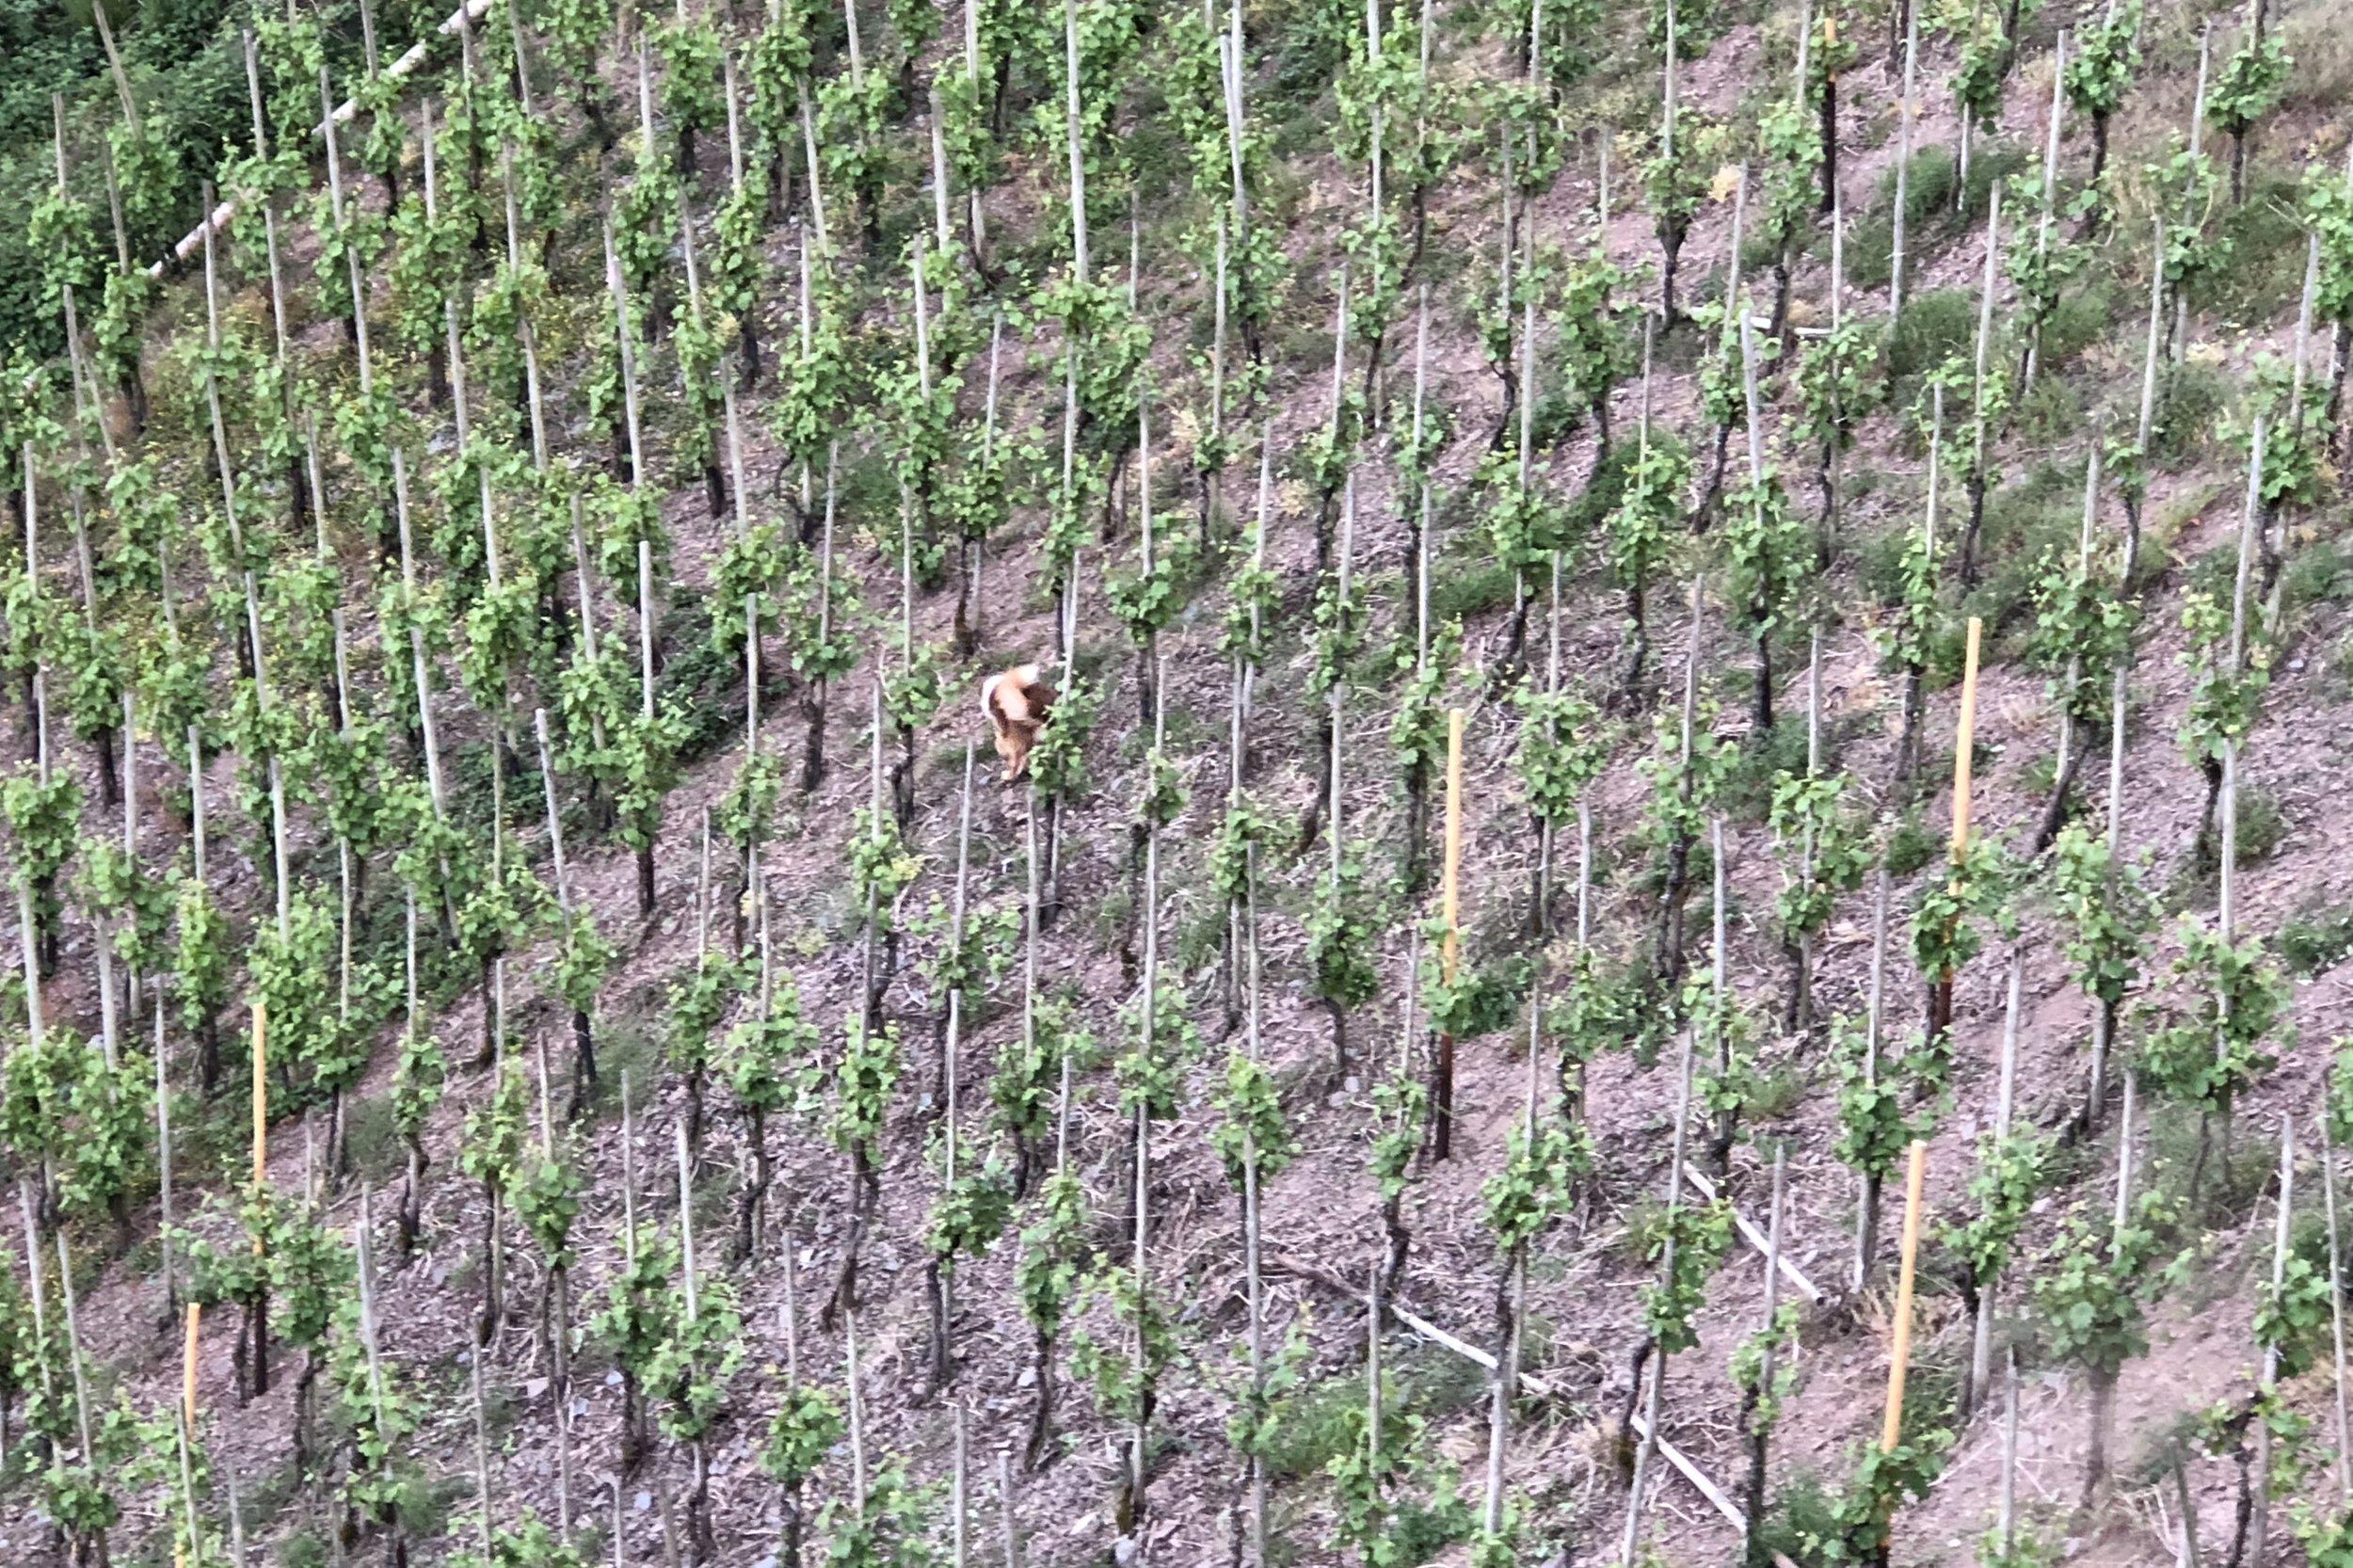 - Unsere Weinbauern gehören zu den besten Deutschlands und kultivieren in teils extremen Steillagen, mit viel Leidenschaft und Hingabe Spitzenweine, die mitunter als